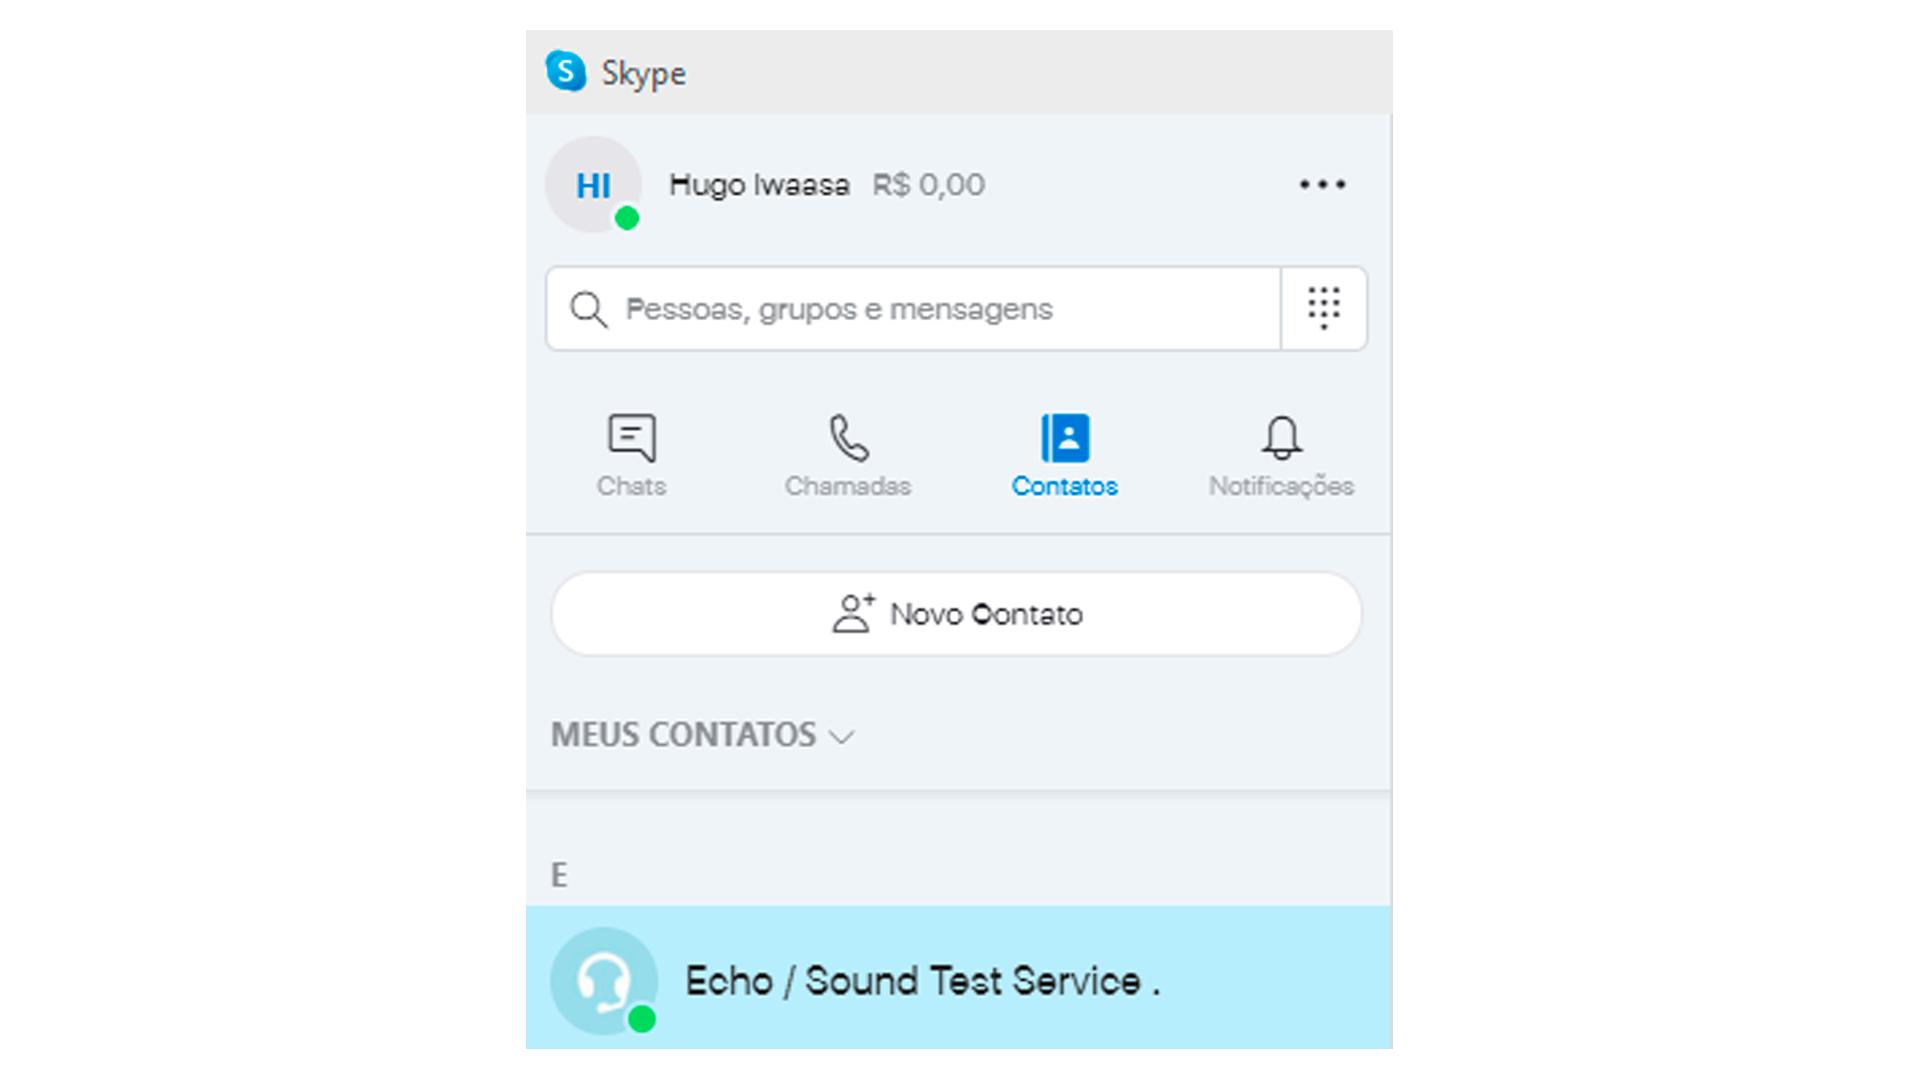 """Todas as contas possuem o """"Echo/Serviço teste de Som"""" por padrão para o teste de microfone online (Reprodução: Hugo Iwaasa)"""